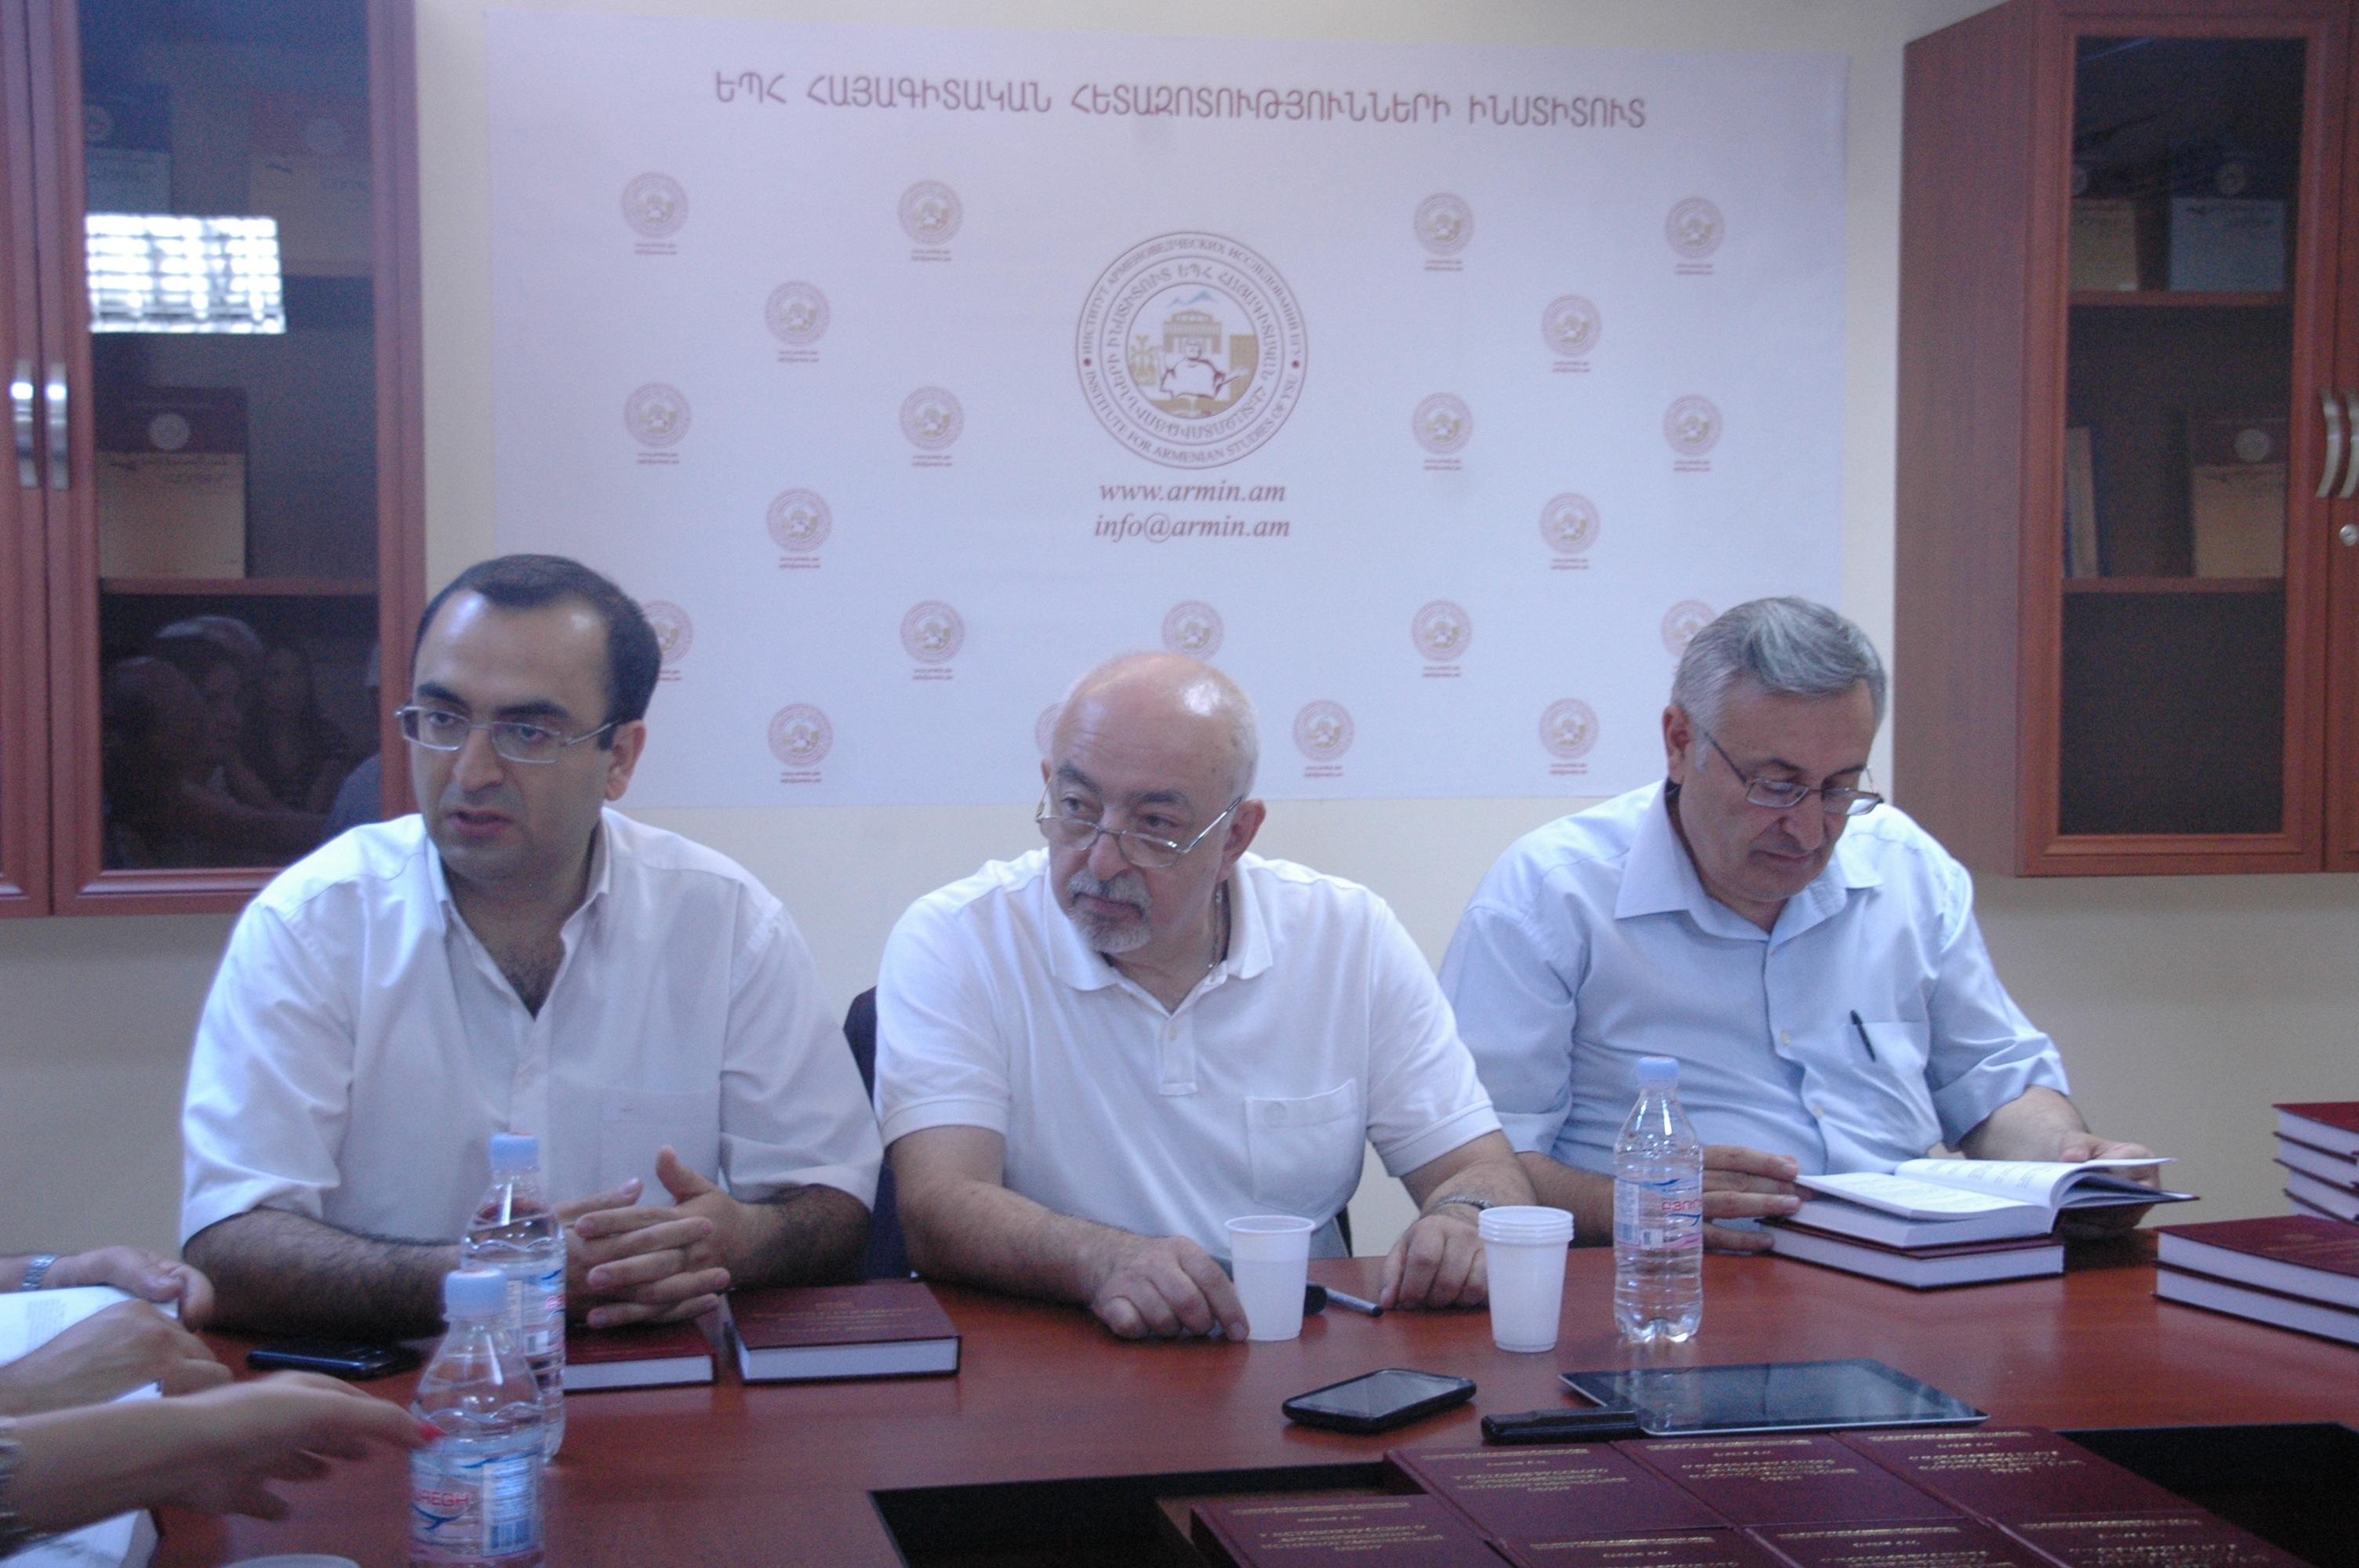 Ձախից աջ. Մհեր Հովհաննիսյան, Սերգեյ Սայադով, Էդիկ Մինասյան